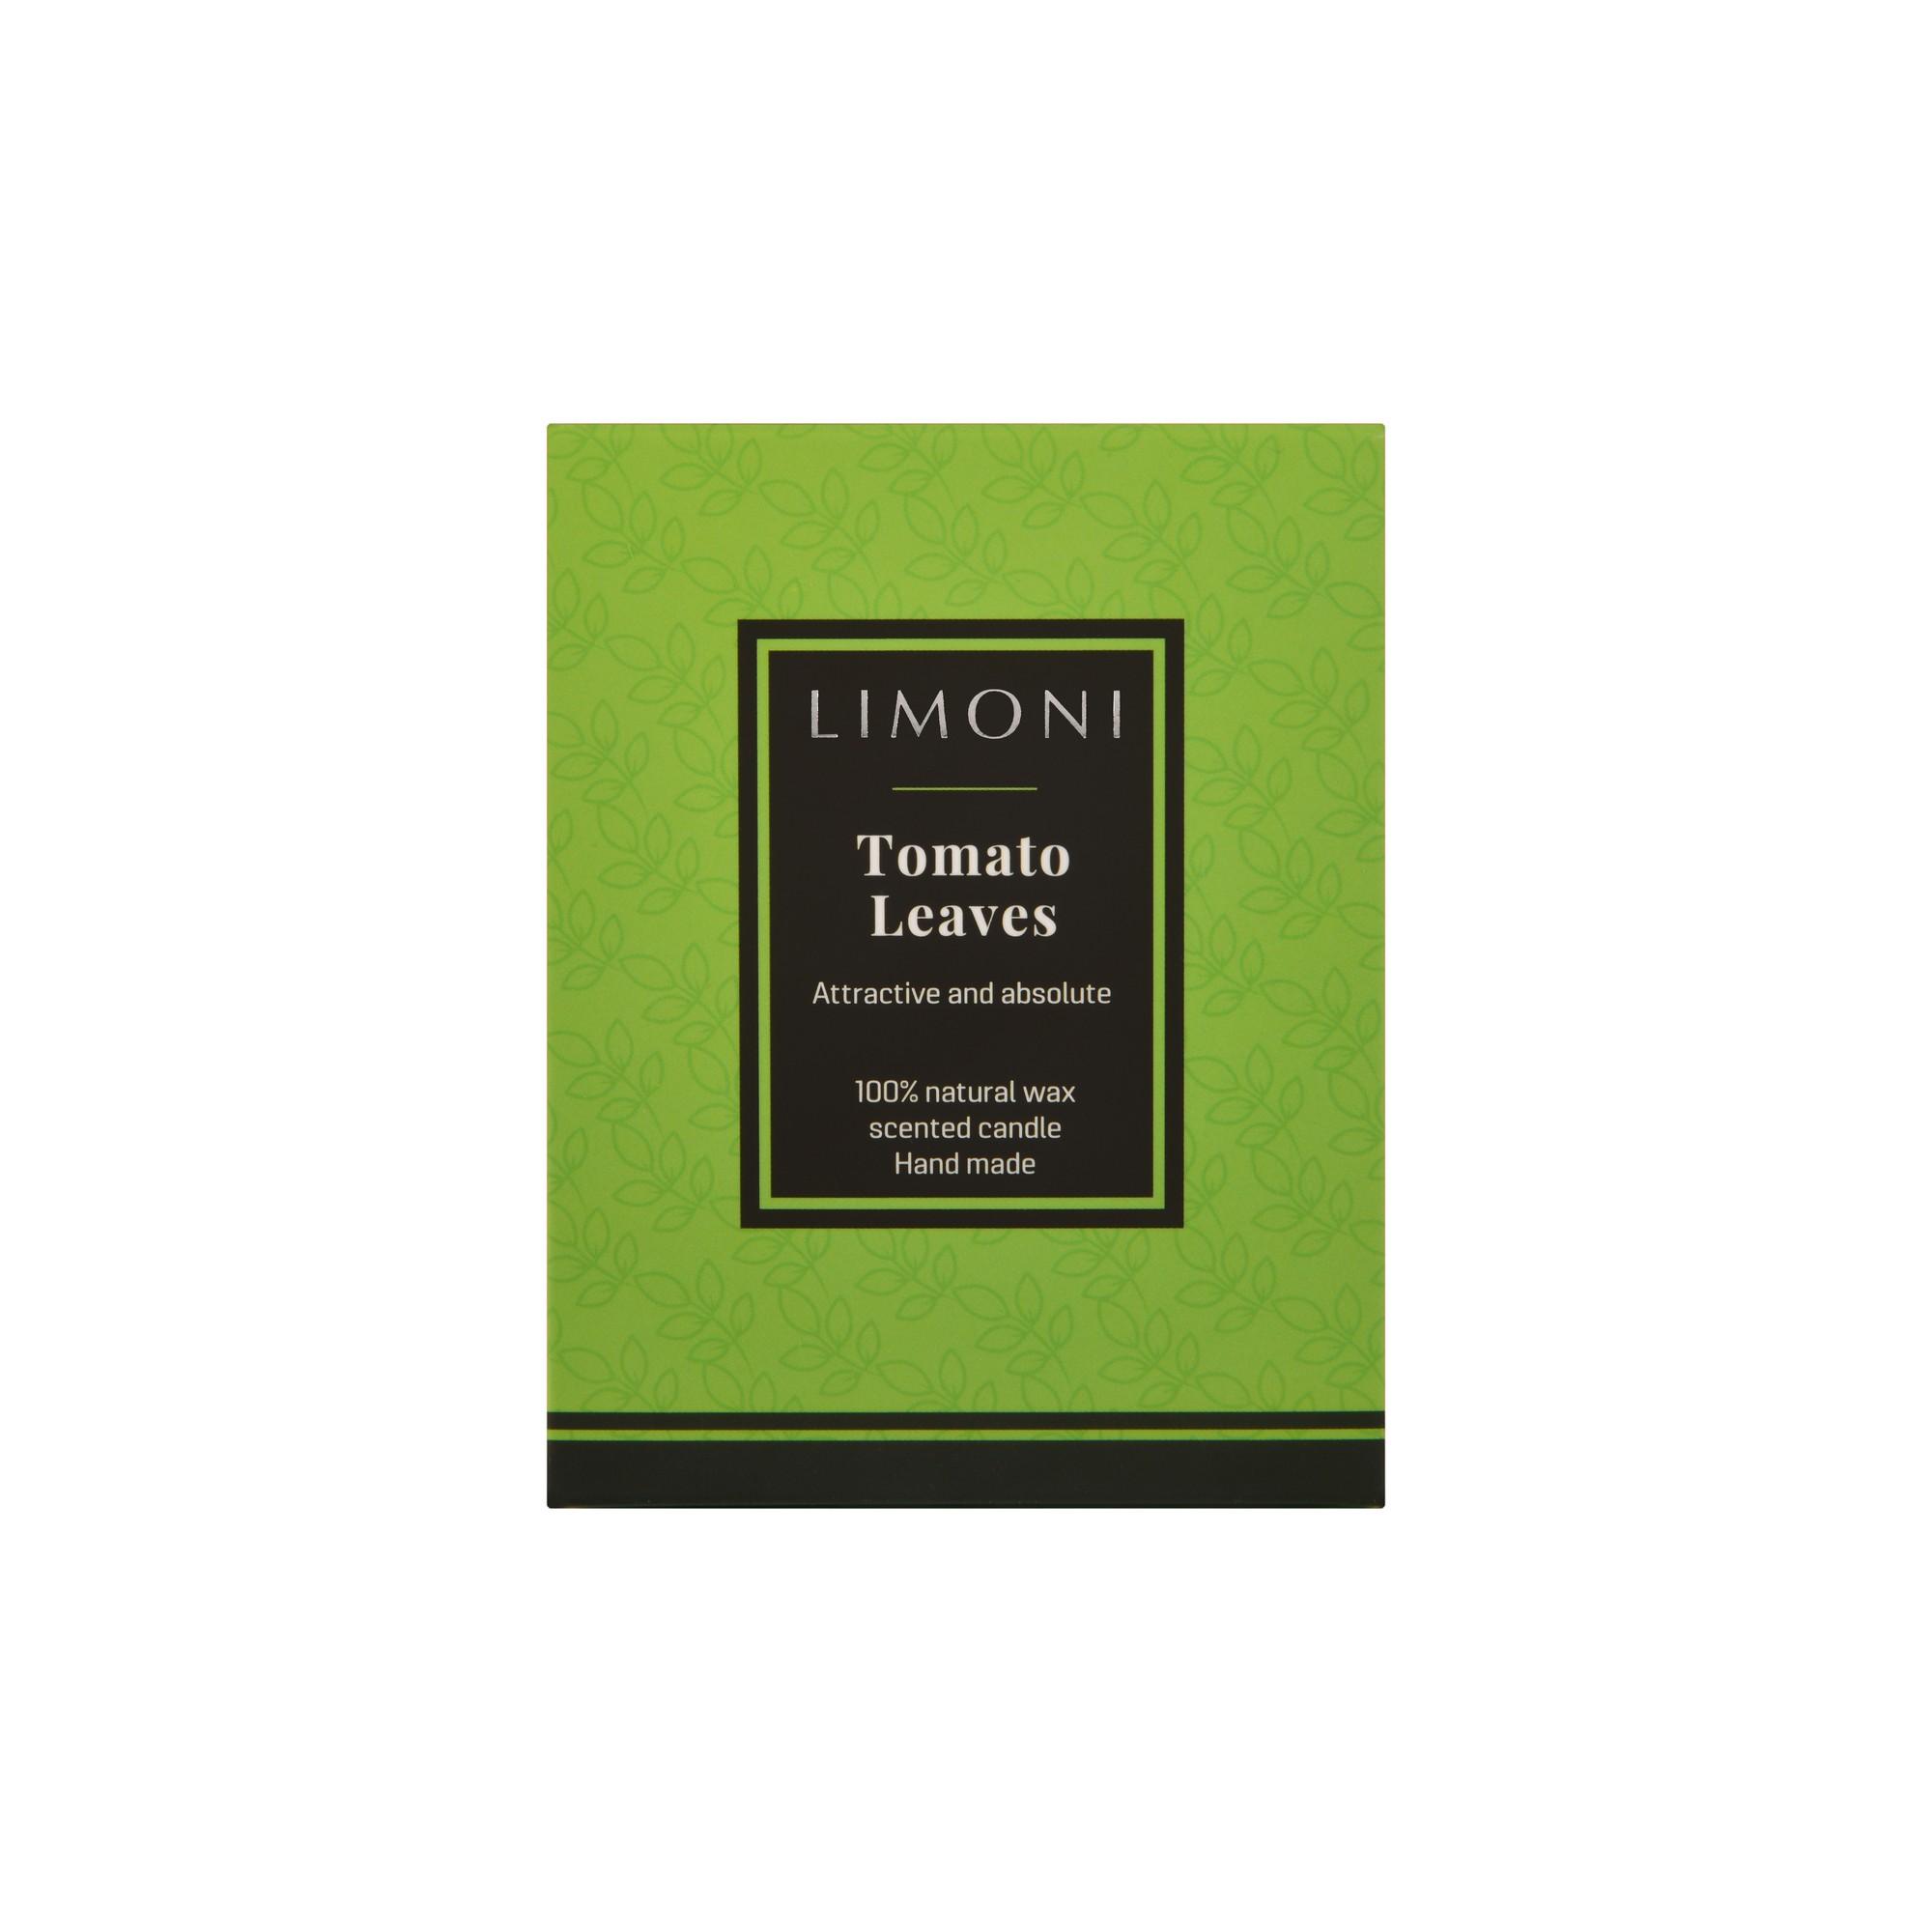 LIMONI Свеча ароматическая Листья Томата / LIMONI Tomato Leaves, 160 г от Галерея Косметики